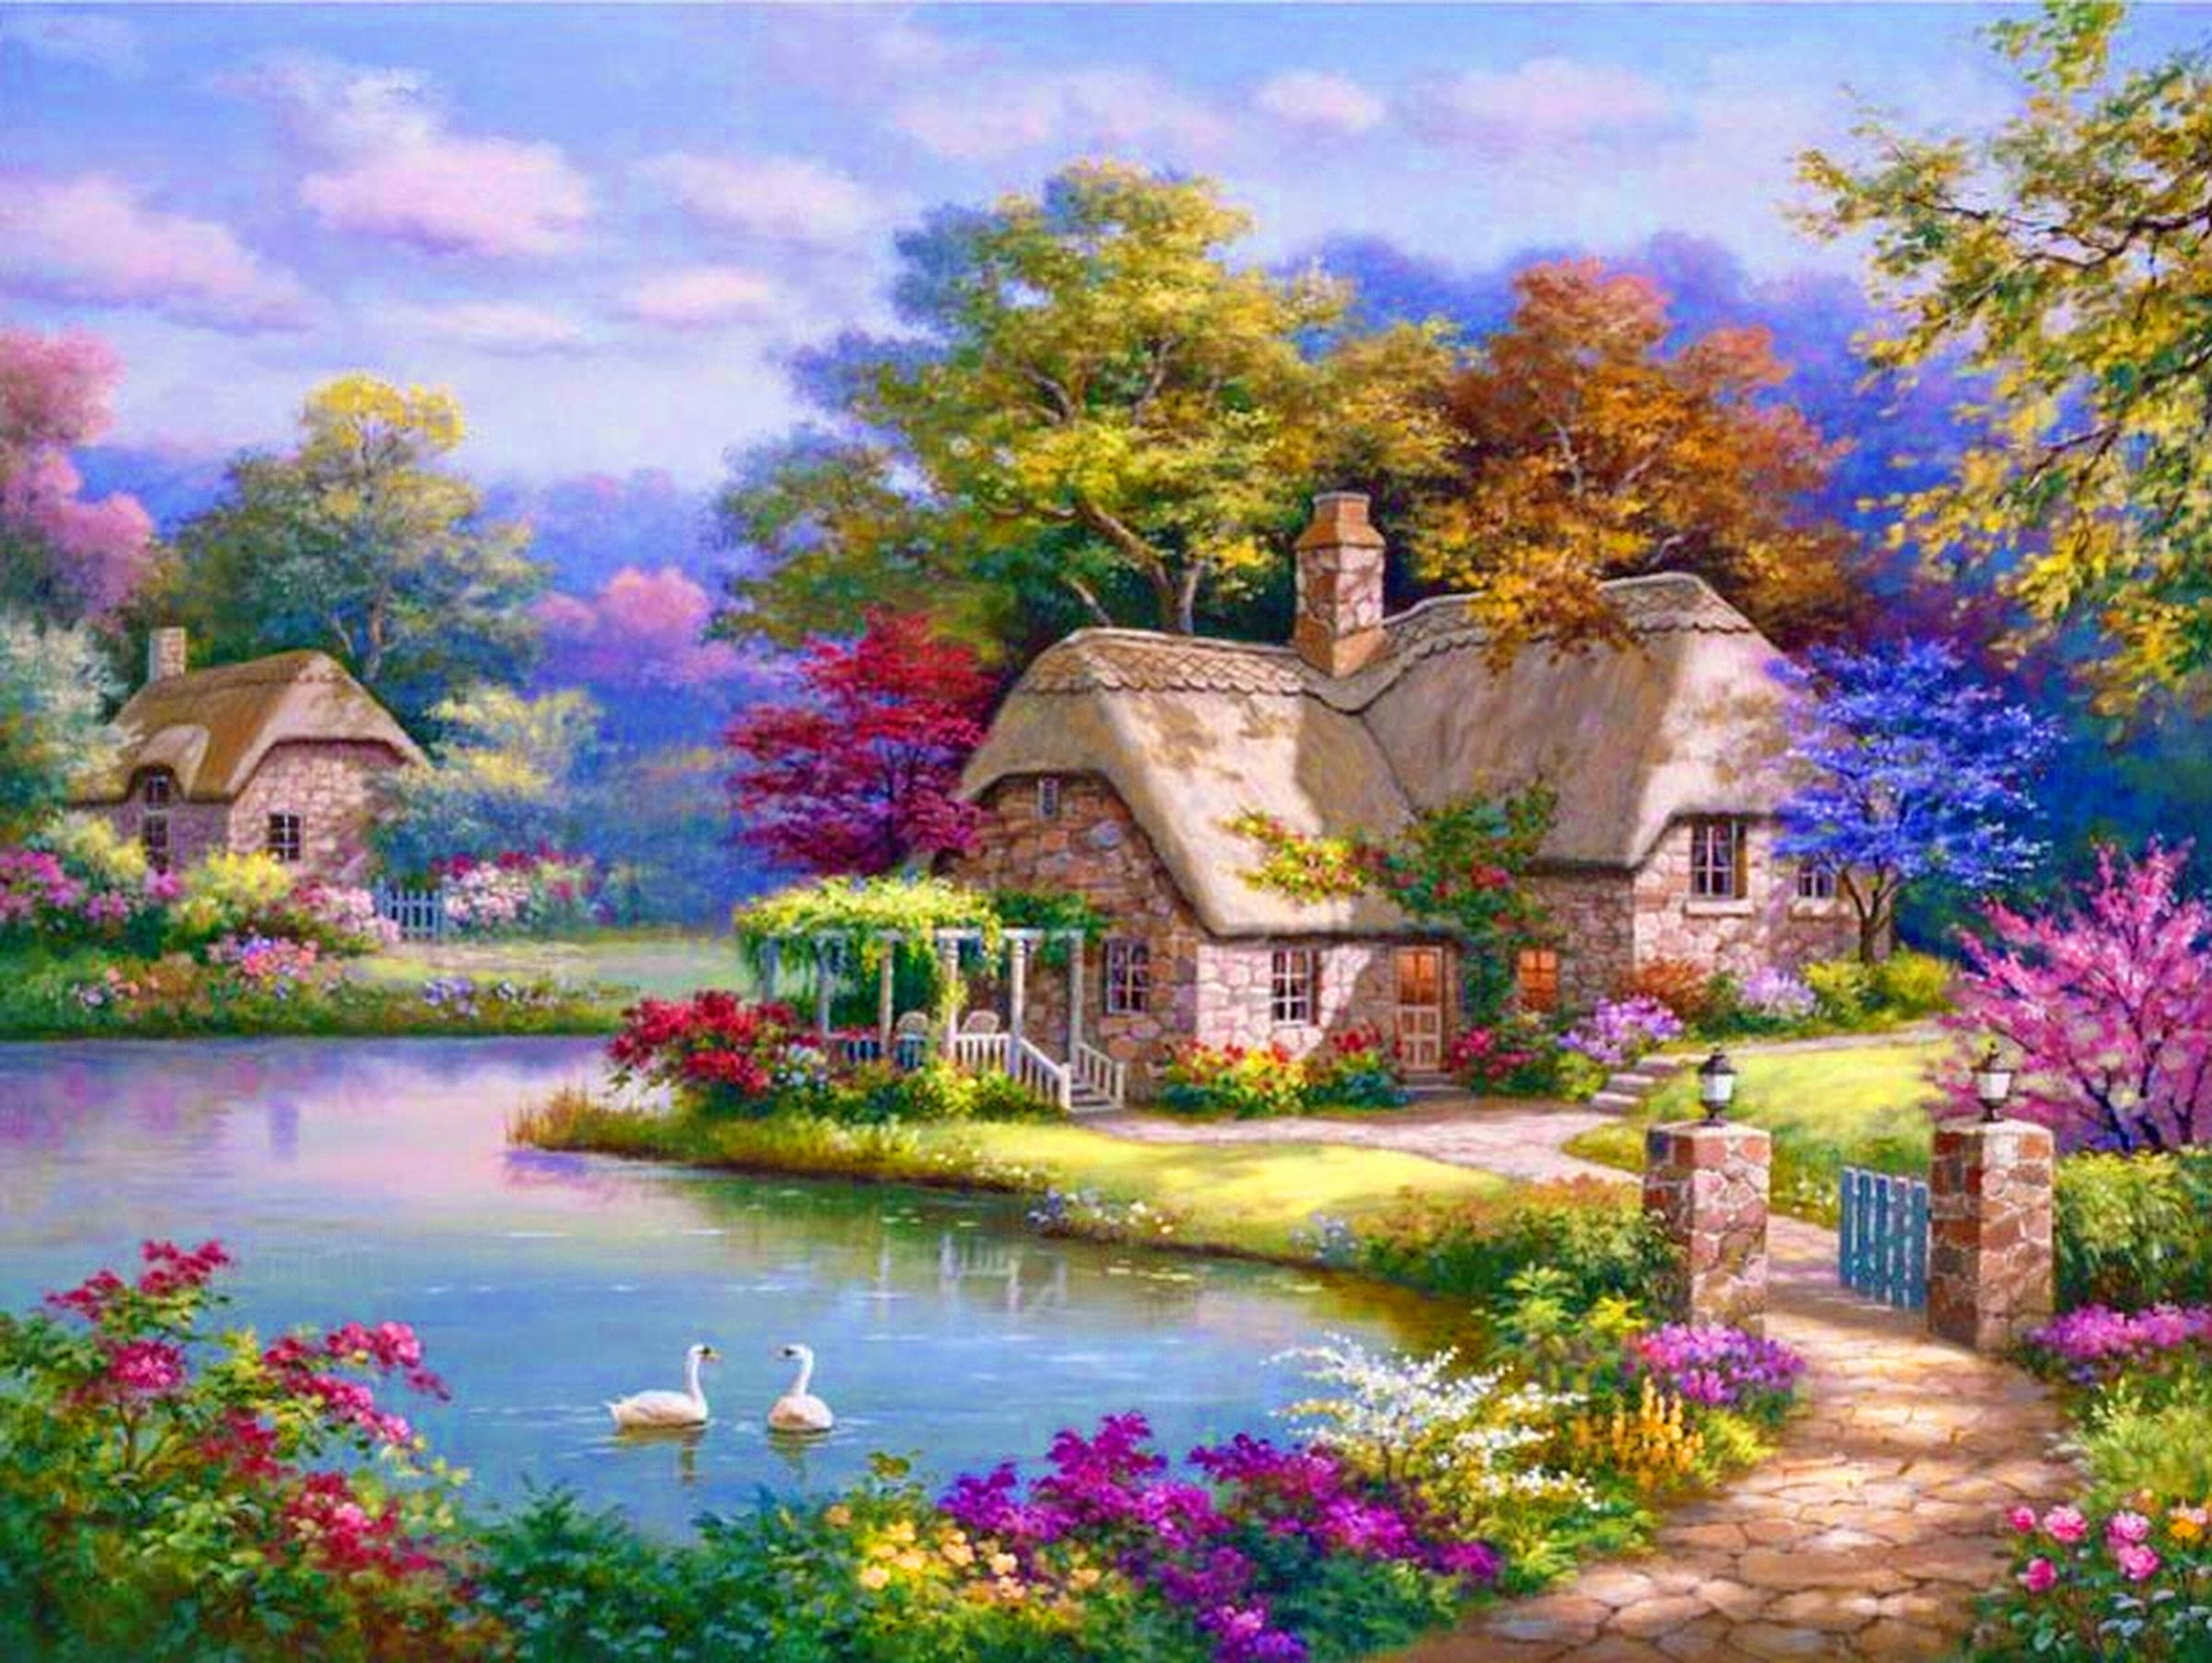 paradise 2394 1800 jan ramsey pinterest romantisch inseln und sch ne bilder. Black Bedroom Furniture Sets. Home Design Ideas